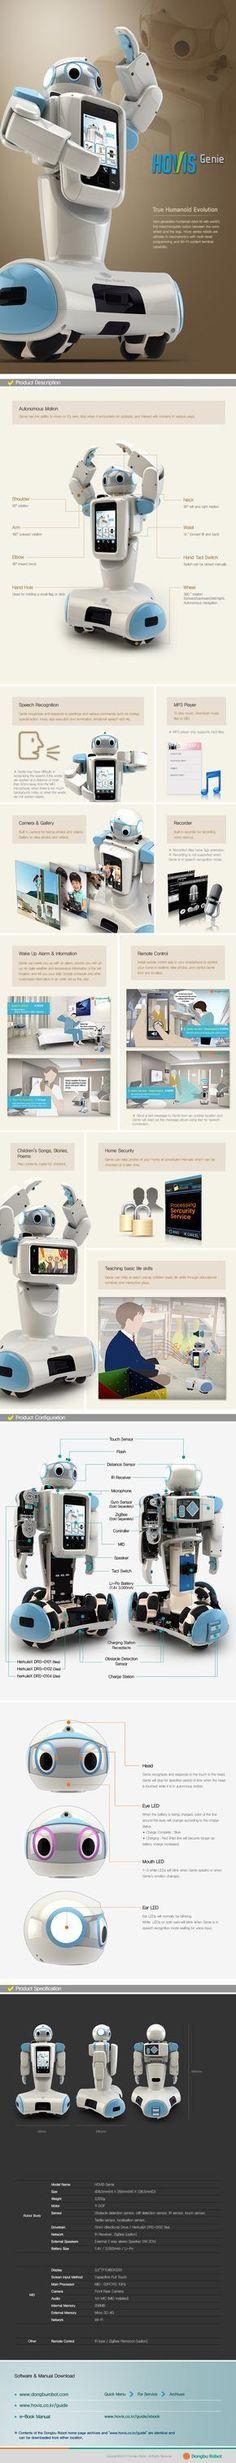 Dongbu Robot: HOVIS Genie An inspiration, though in uberpunk, robots feature far less than smart tech, IoT, and AIs.